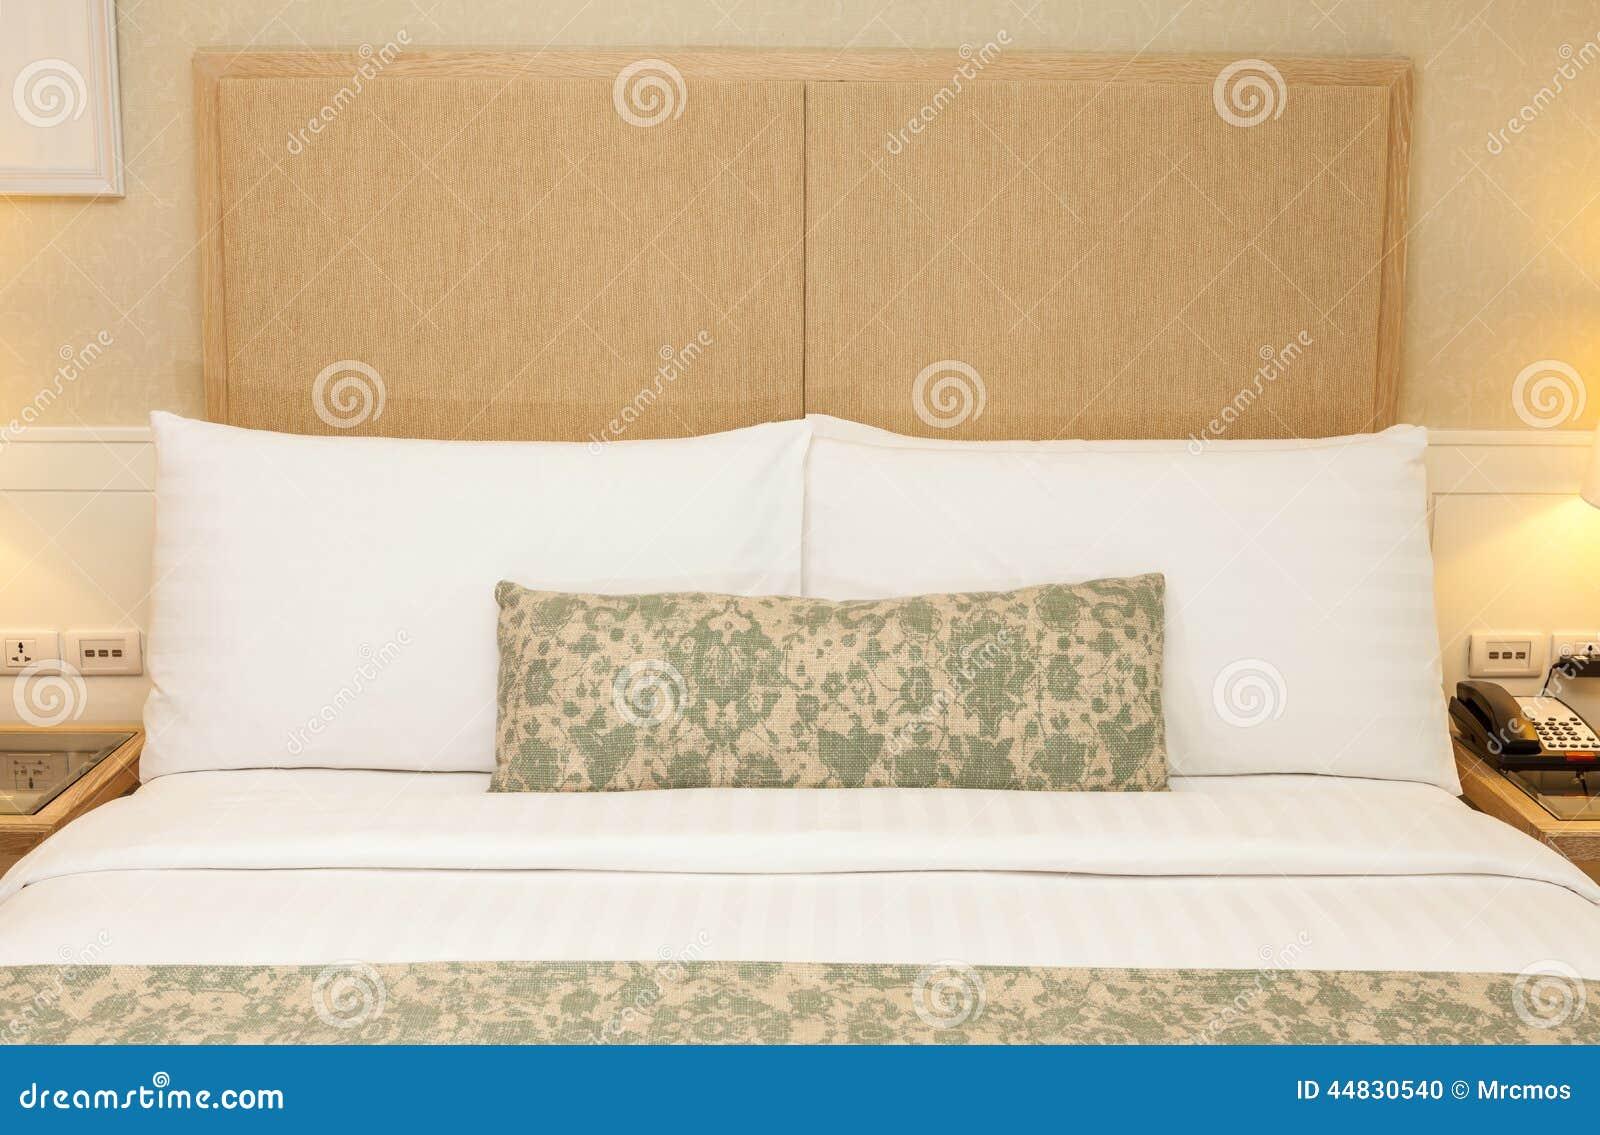 Sovrumdesign med inredningar konung storleksanpassad säng, kuddar ...